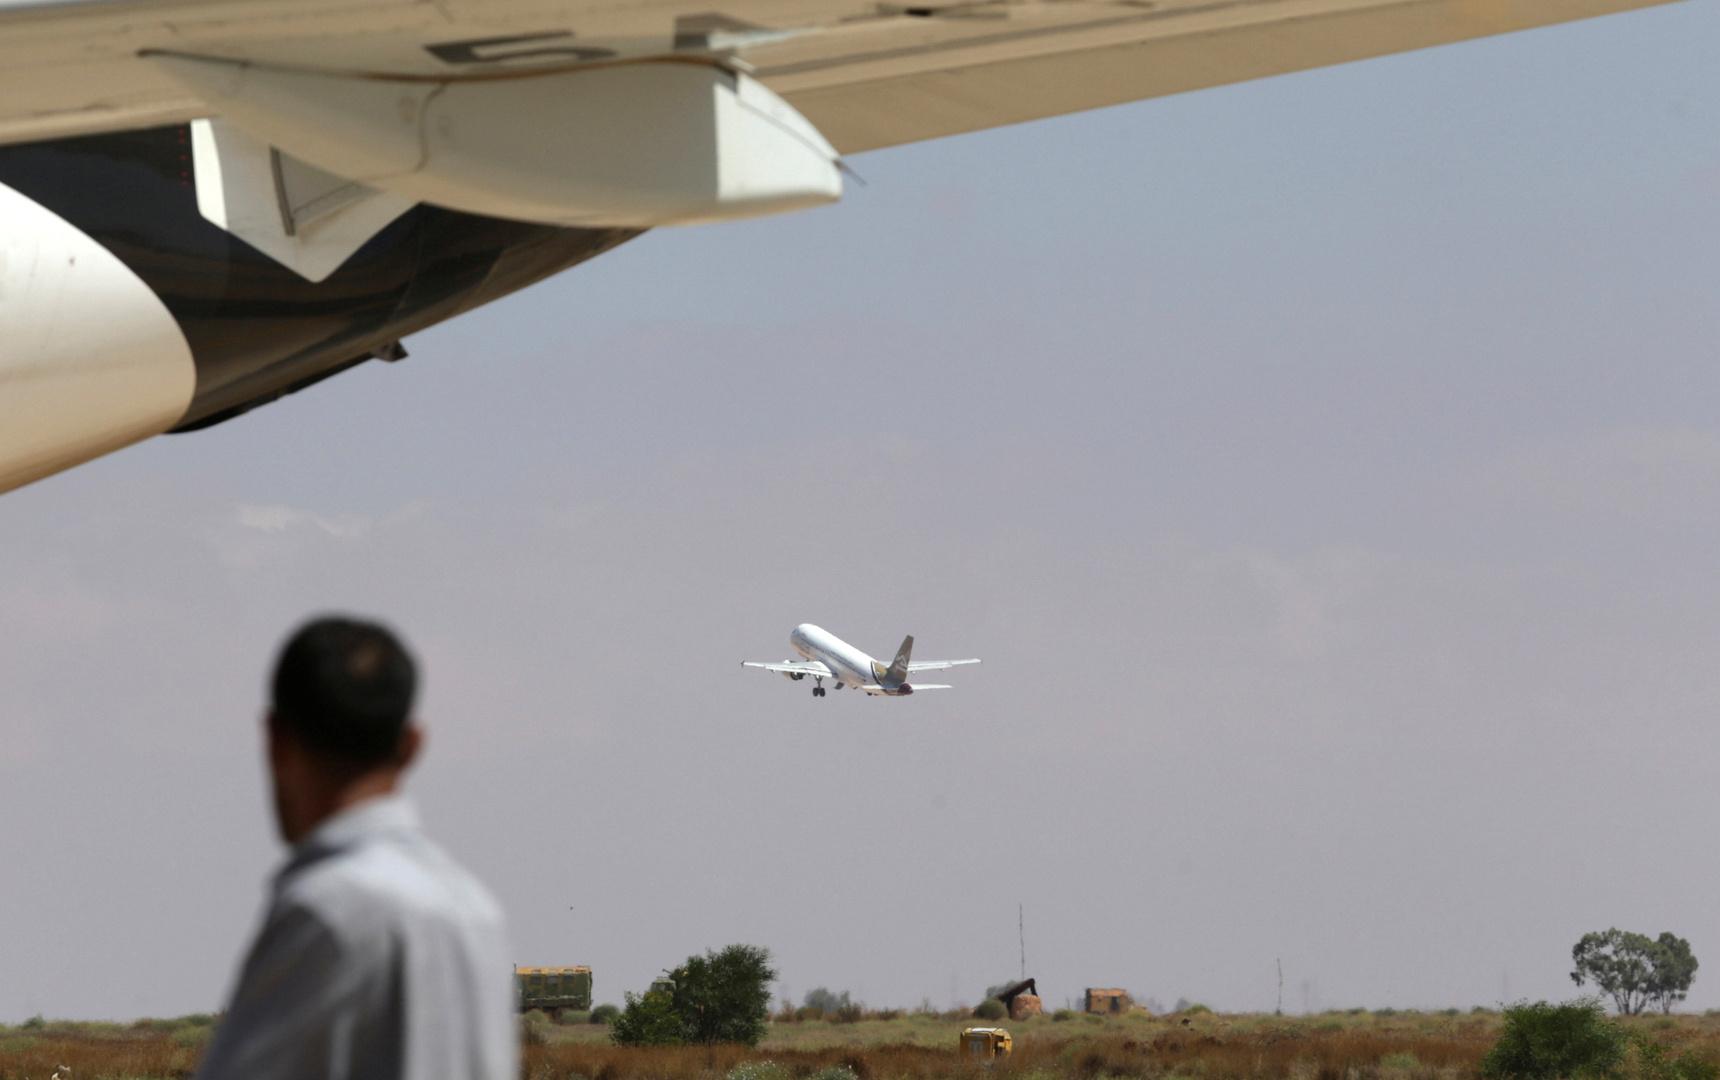 نائب رئيس حكومة الوحدة الوطنية الليبية يعرب عن مخاوف من تداعيات حادثة الطائرة ببنغازي